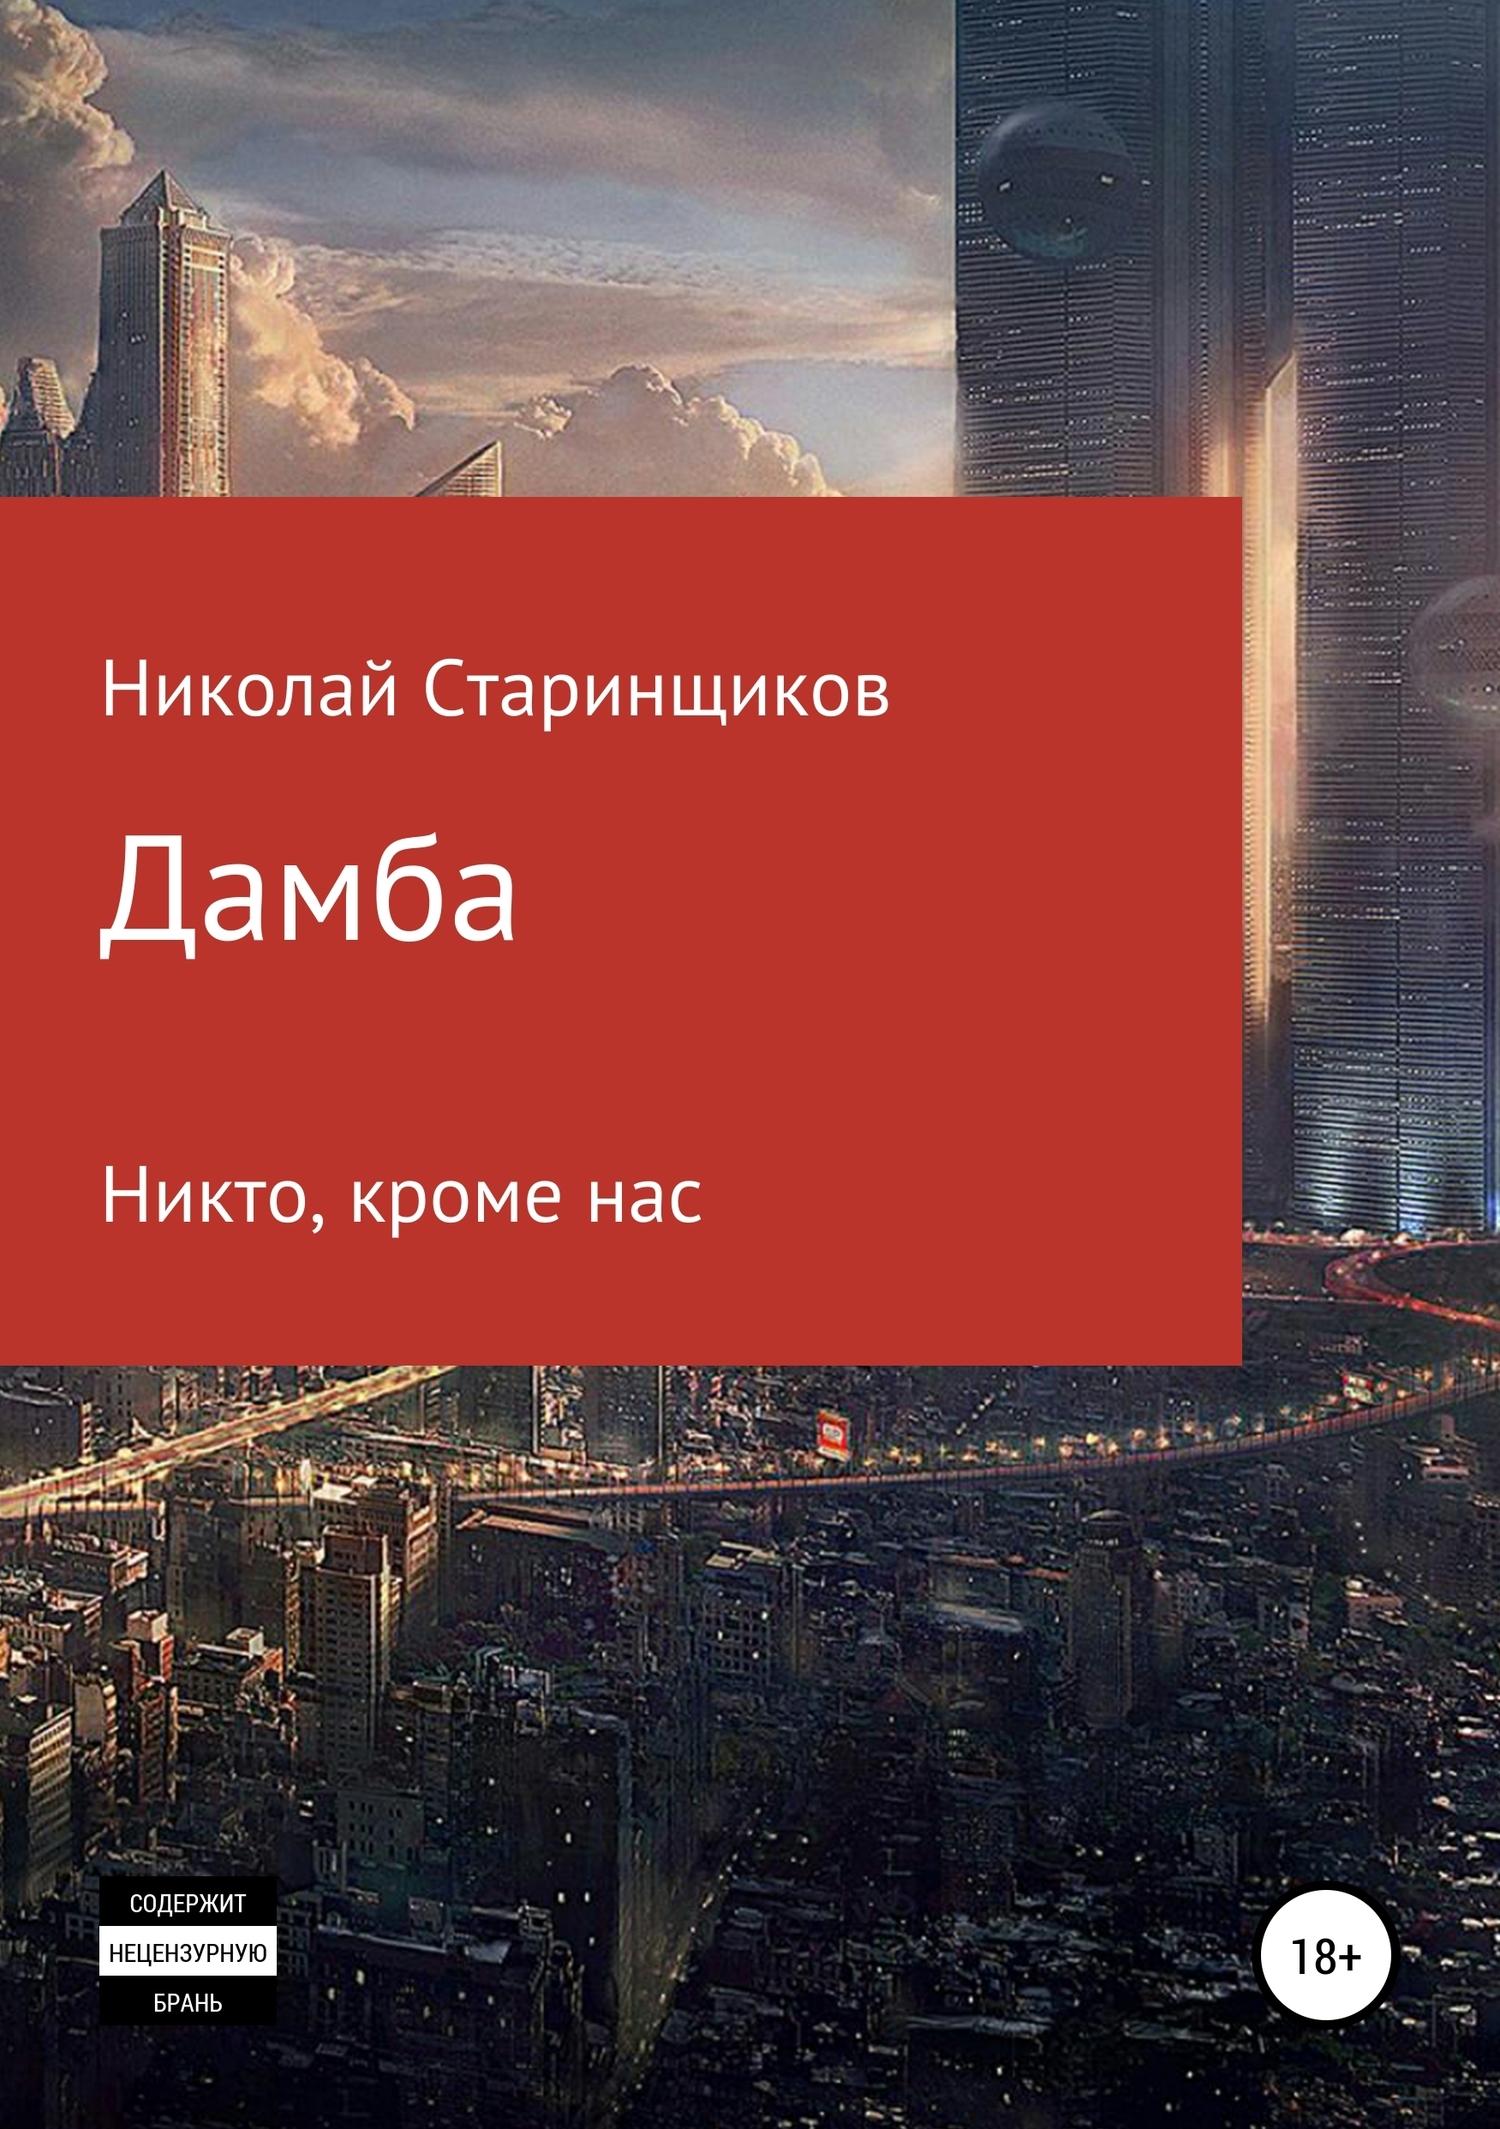 Николай Старинщиков - Дамба